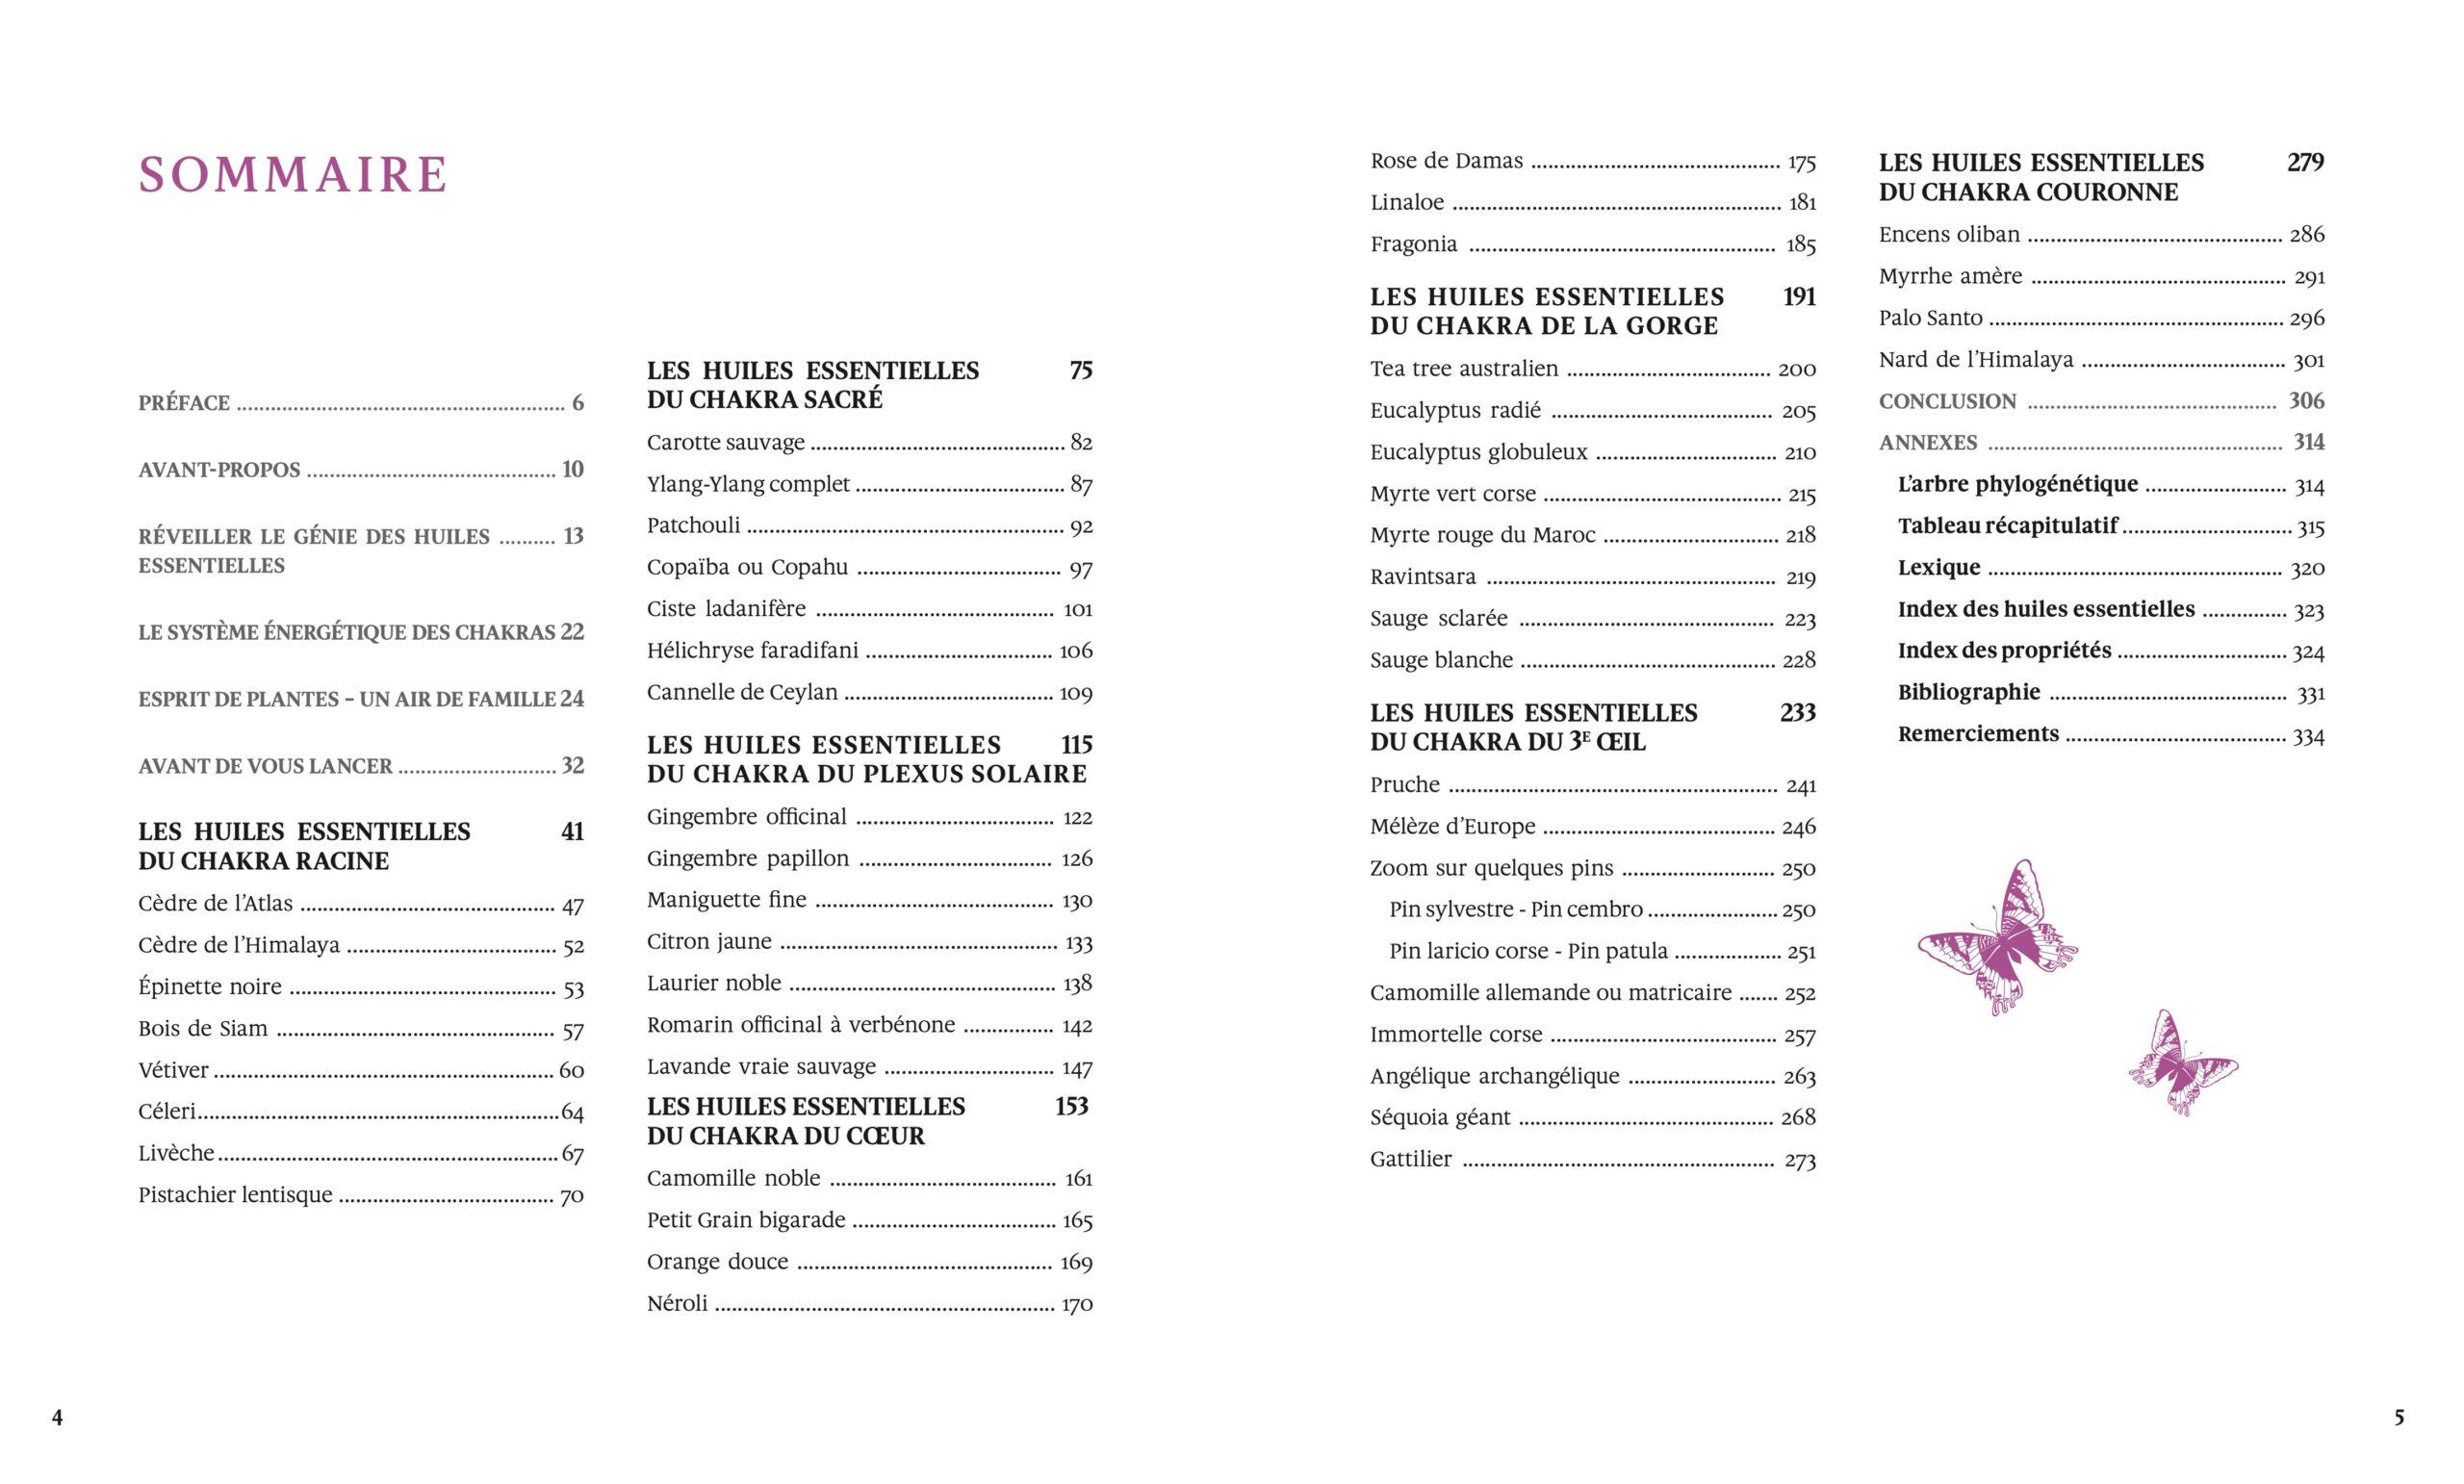 Sommaire-Le-grand-livre-des-huiles-essentielles